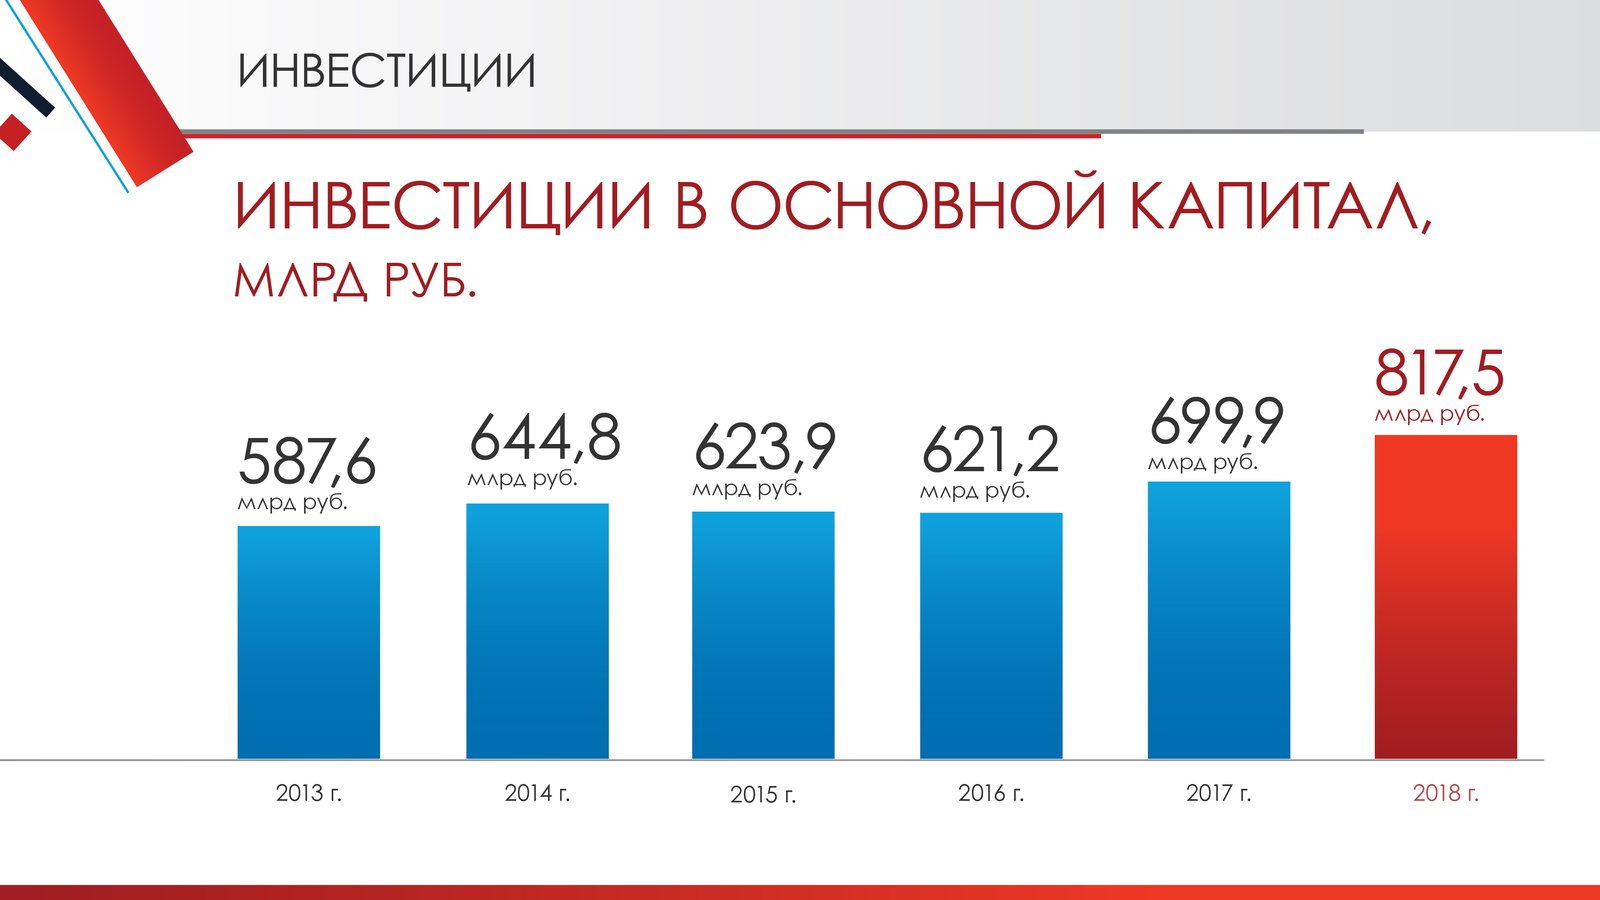 Андрей Воробьев губернатор московской области - Экономика: задачи на новую пятилетку